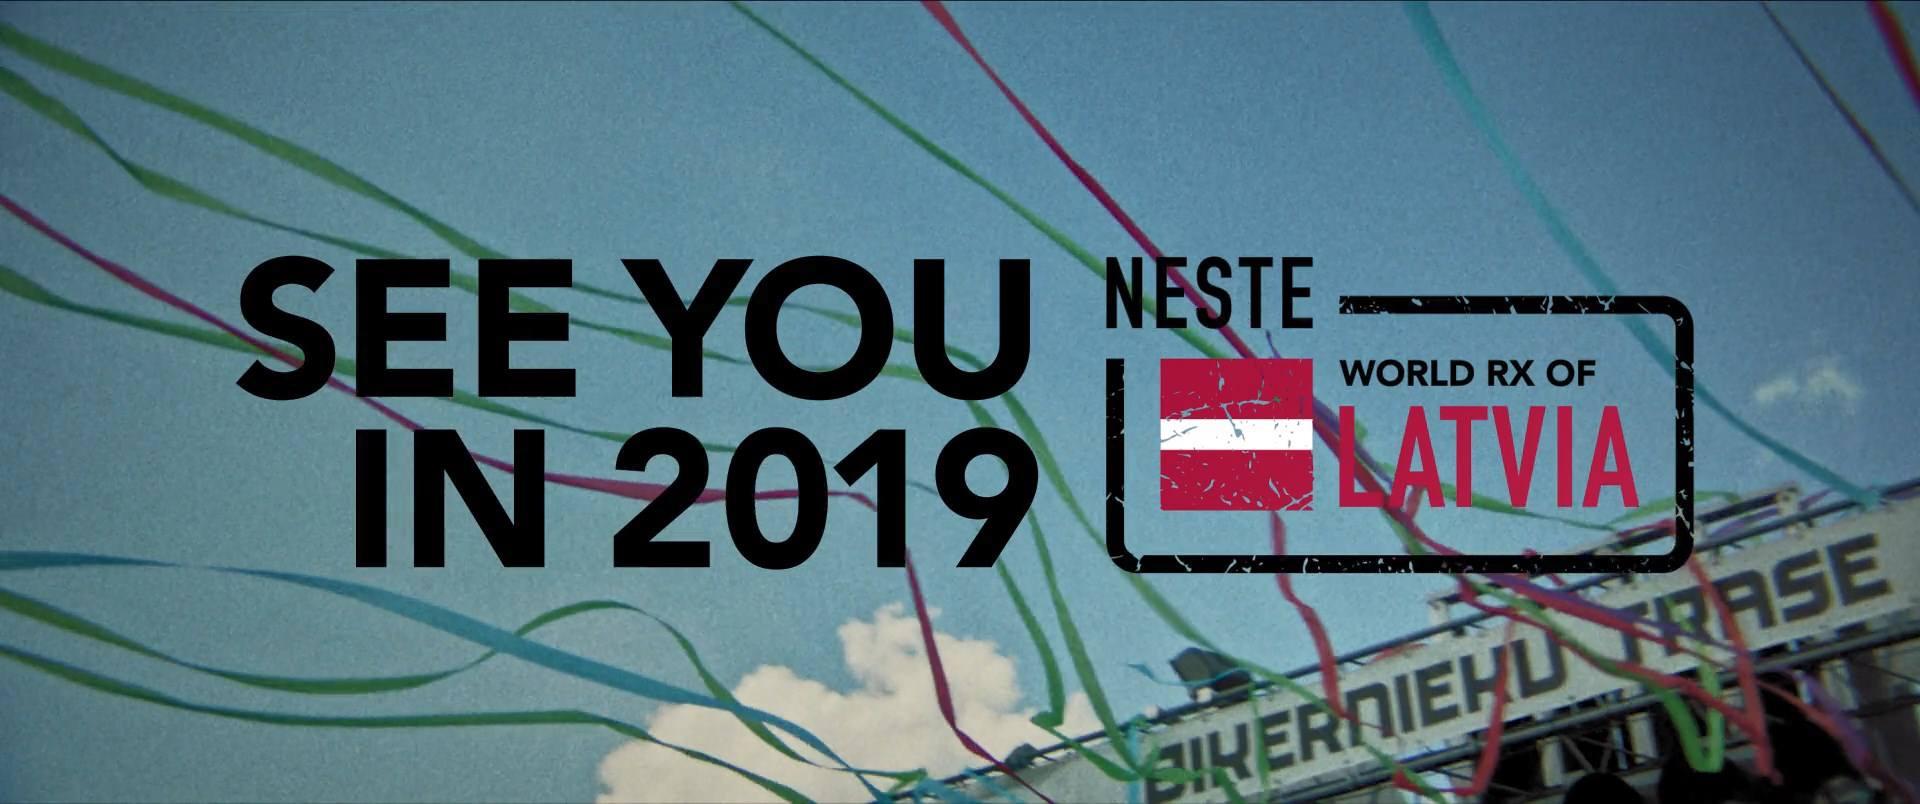 Neste World RX of Latvia